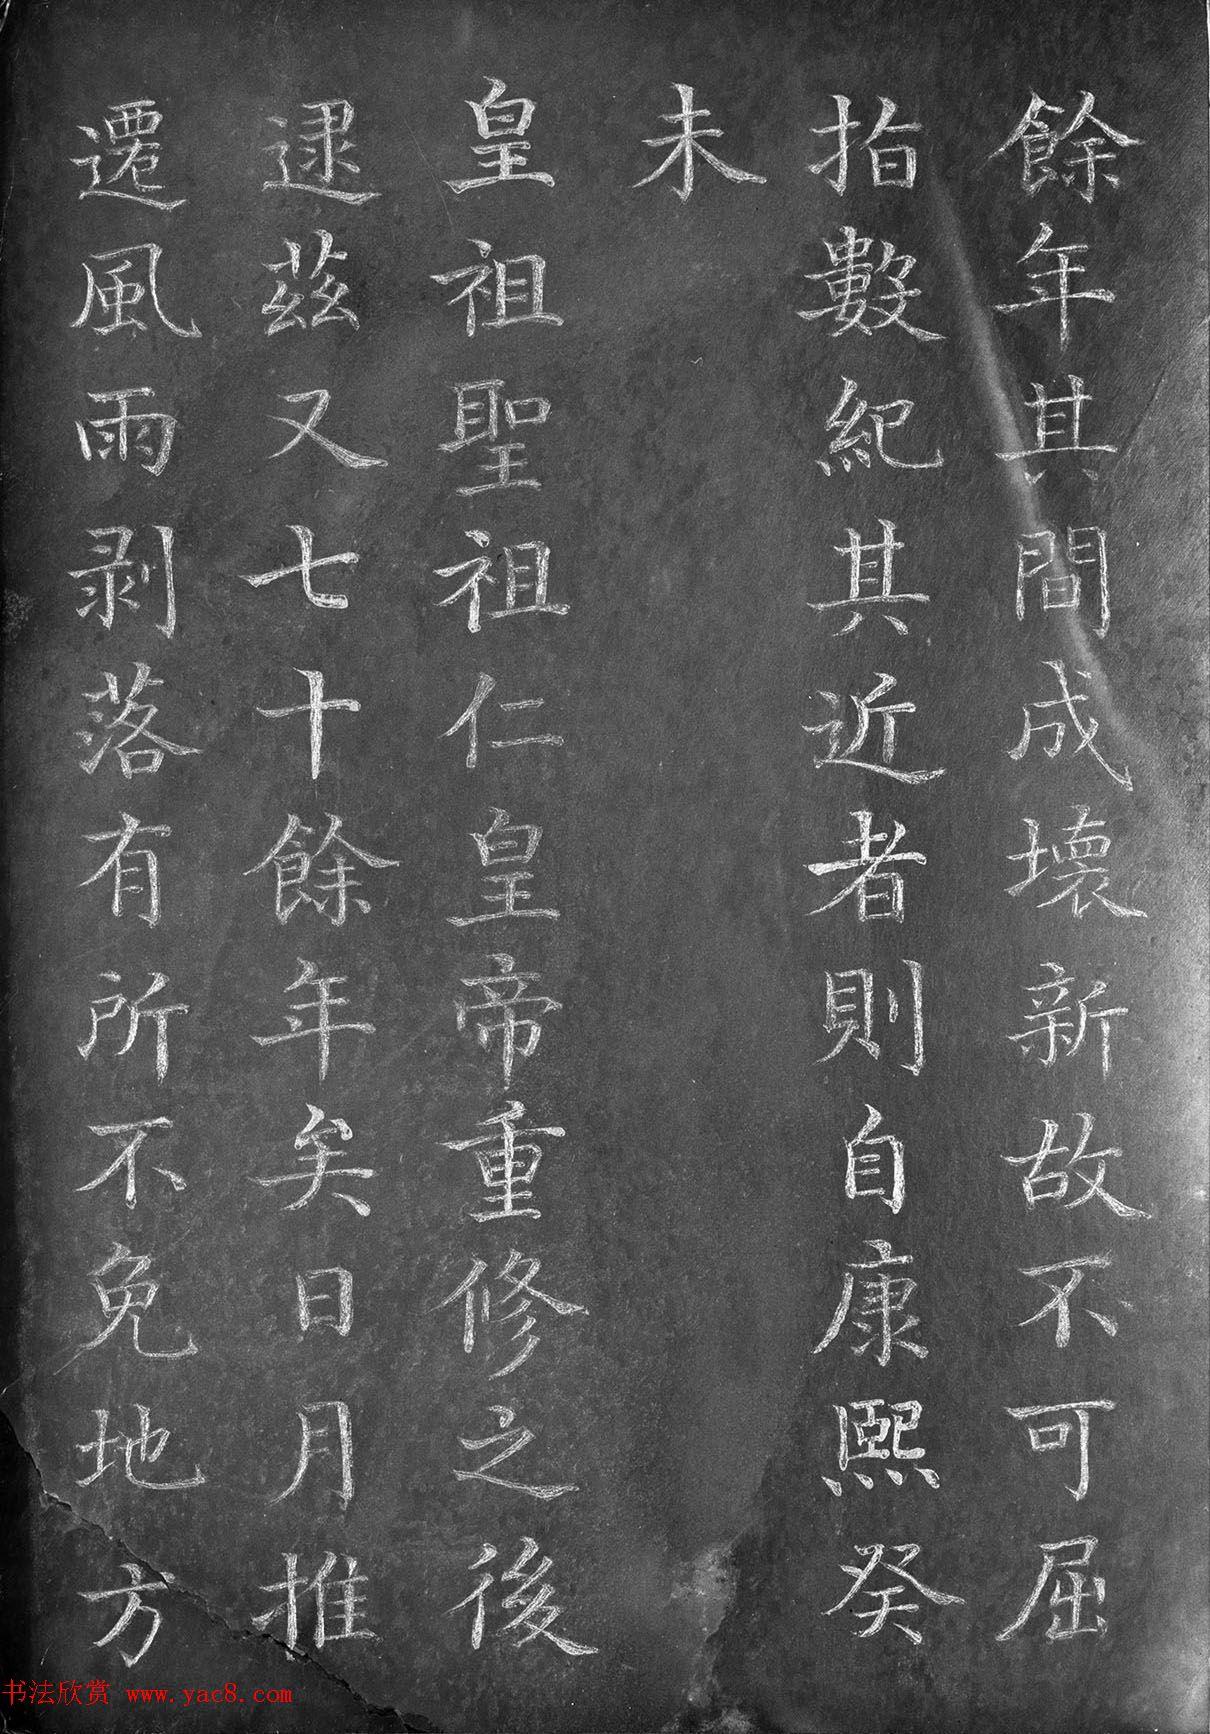 董诰楷书《御制重修正定隆兴大佛寺碑记》